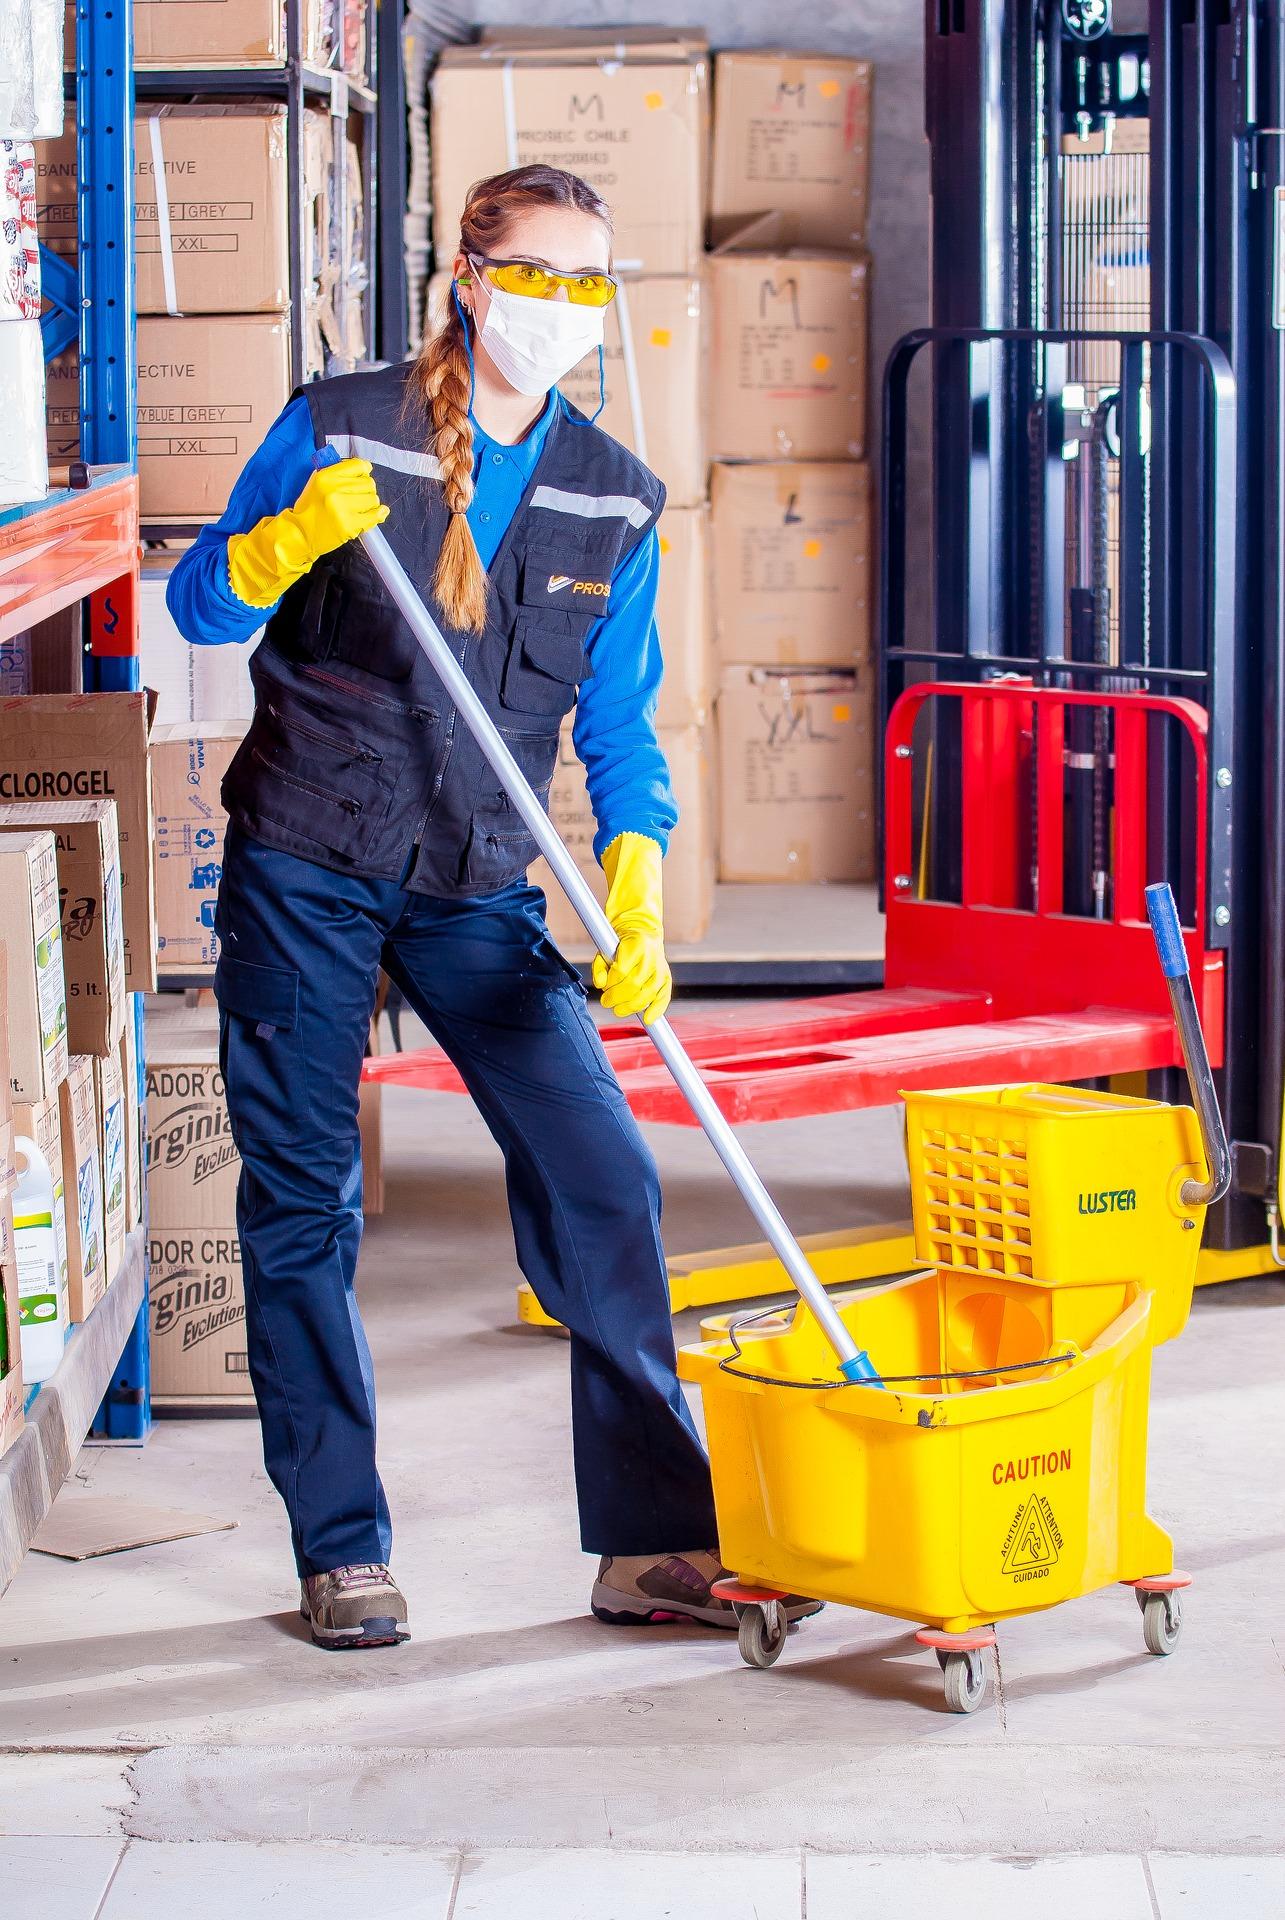 Nettoyage-de-locaux-professionnels